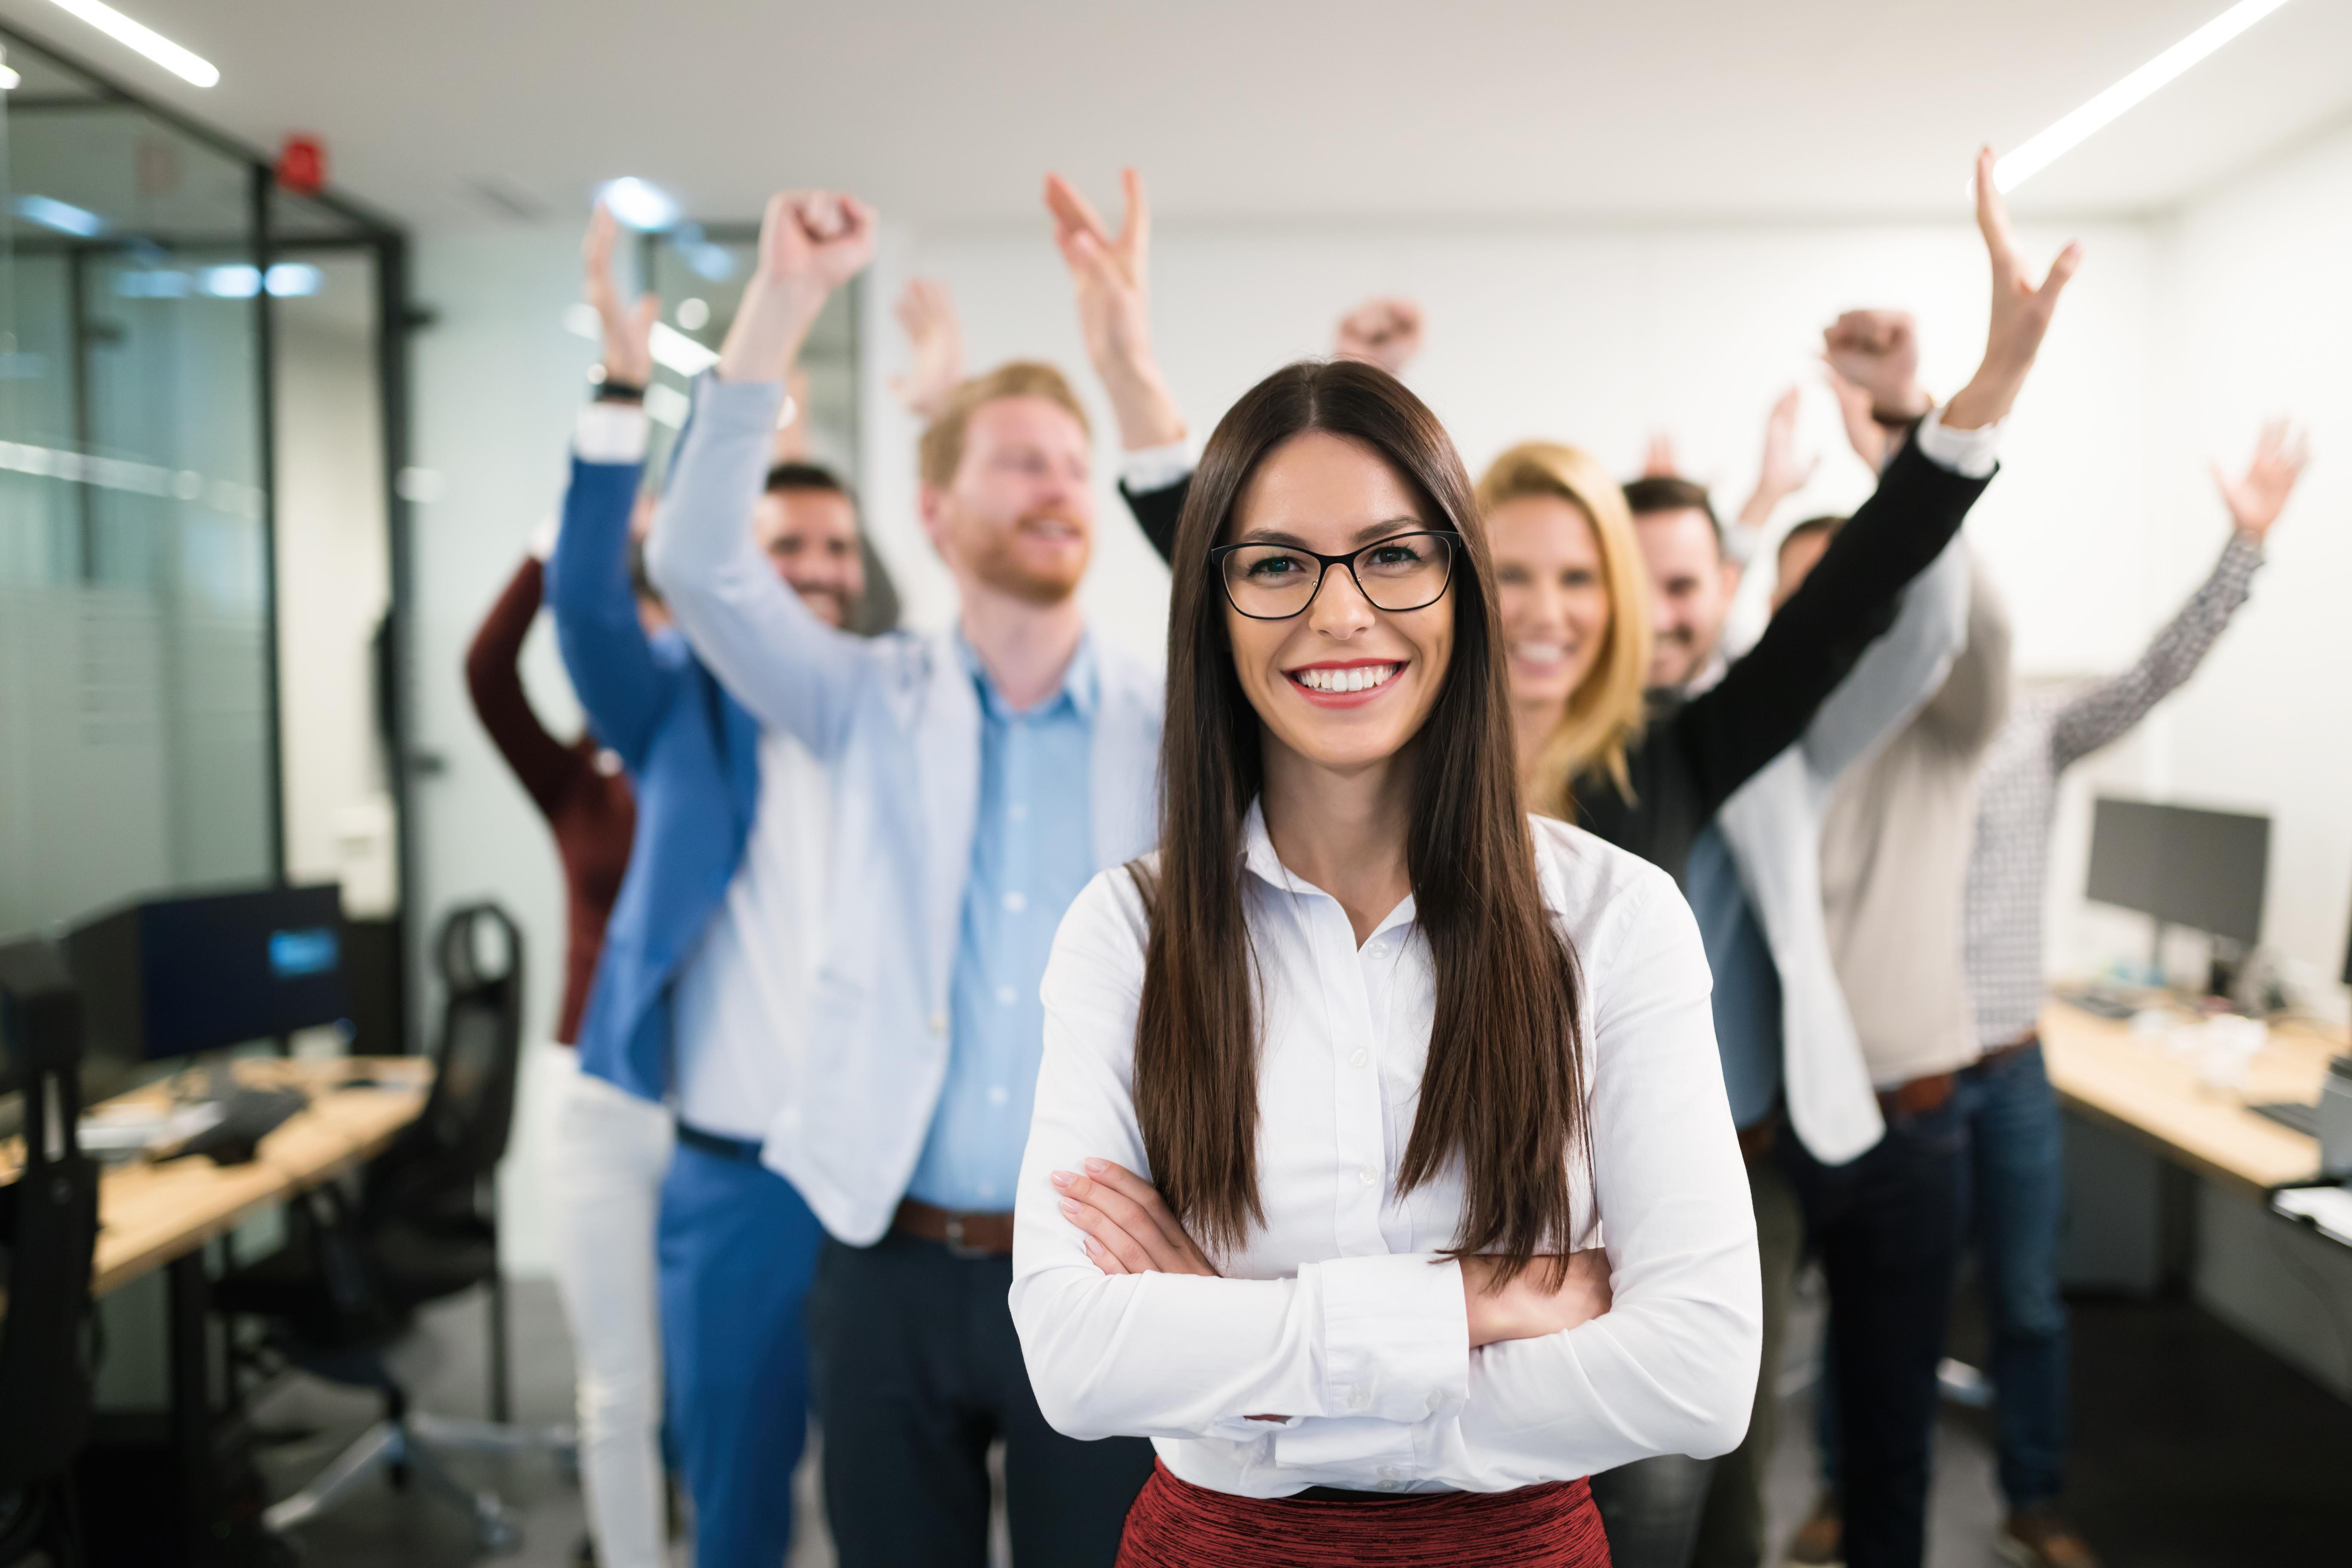 Помогают ли тренинги развитию персонала